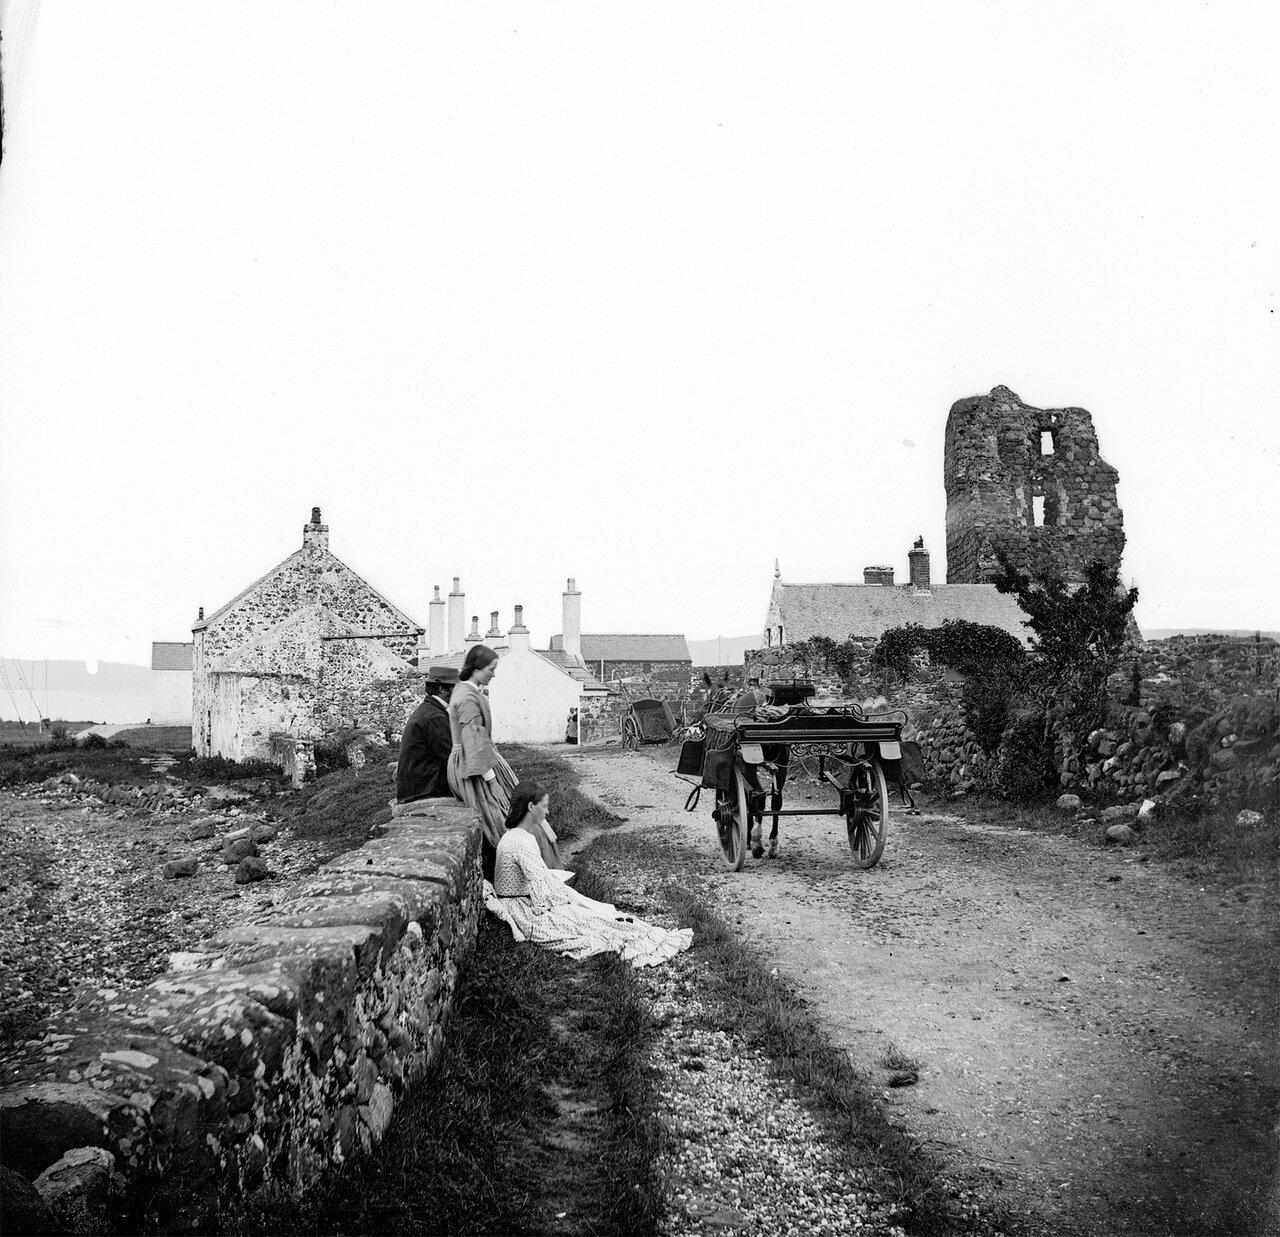 Руины замка Олдерфлит, Ларн. 1860.